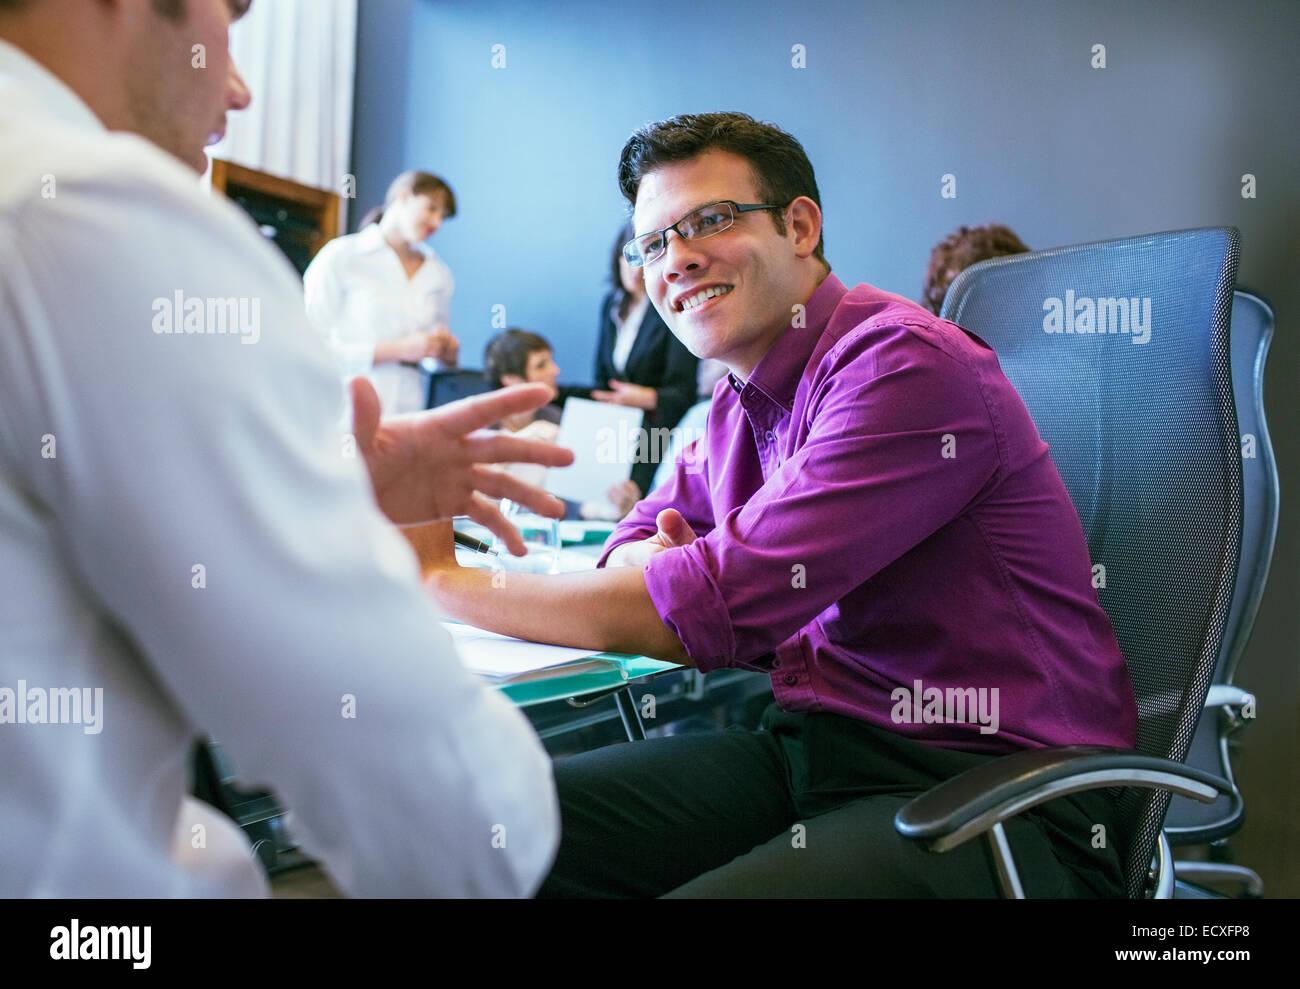 Imprenditori a parlare durante la riunione in sala conferenze con i colleghi in background Immagini Stock